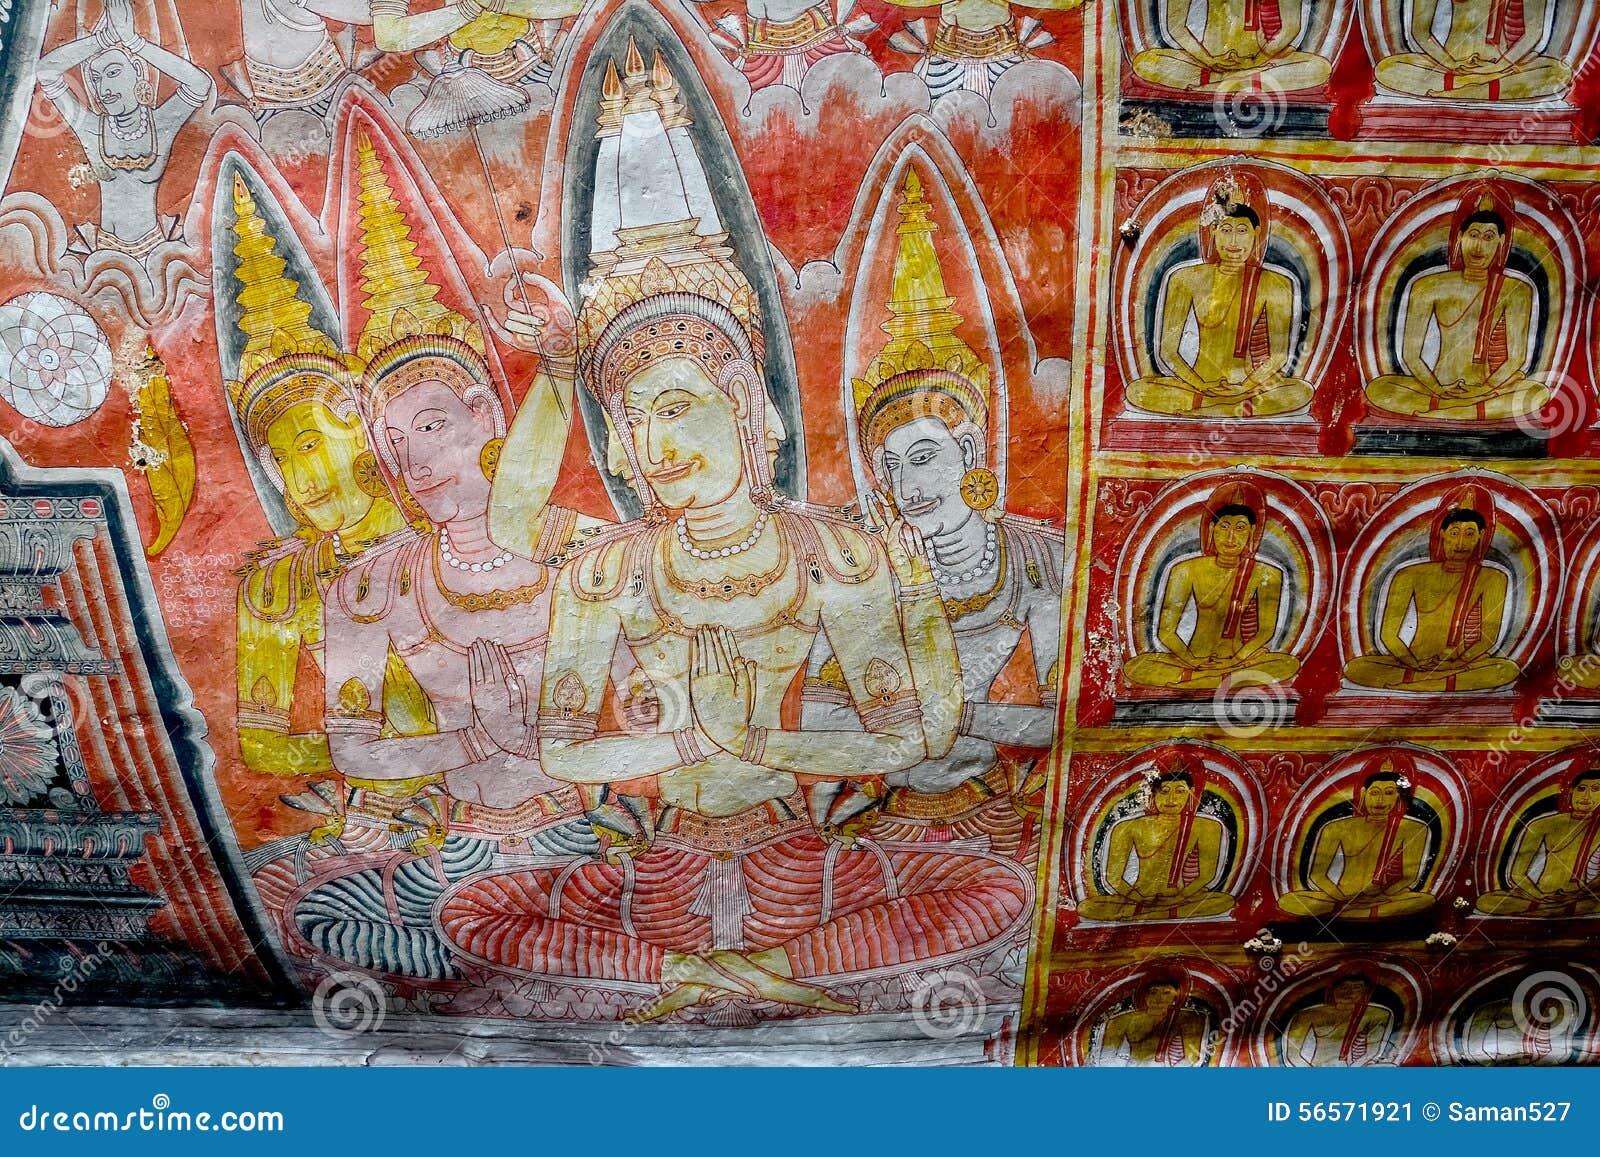 Download Τα έργα ζωγραφικής τοίχων και τα αγάλματα του Βούδα σε Dambulla ανασκάπτουν το χρυσό ναό Στοκ Εικόνα - εικόνα από arroyos, σπηλιά: 56571921